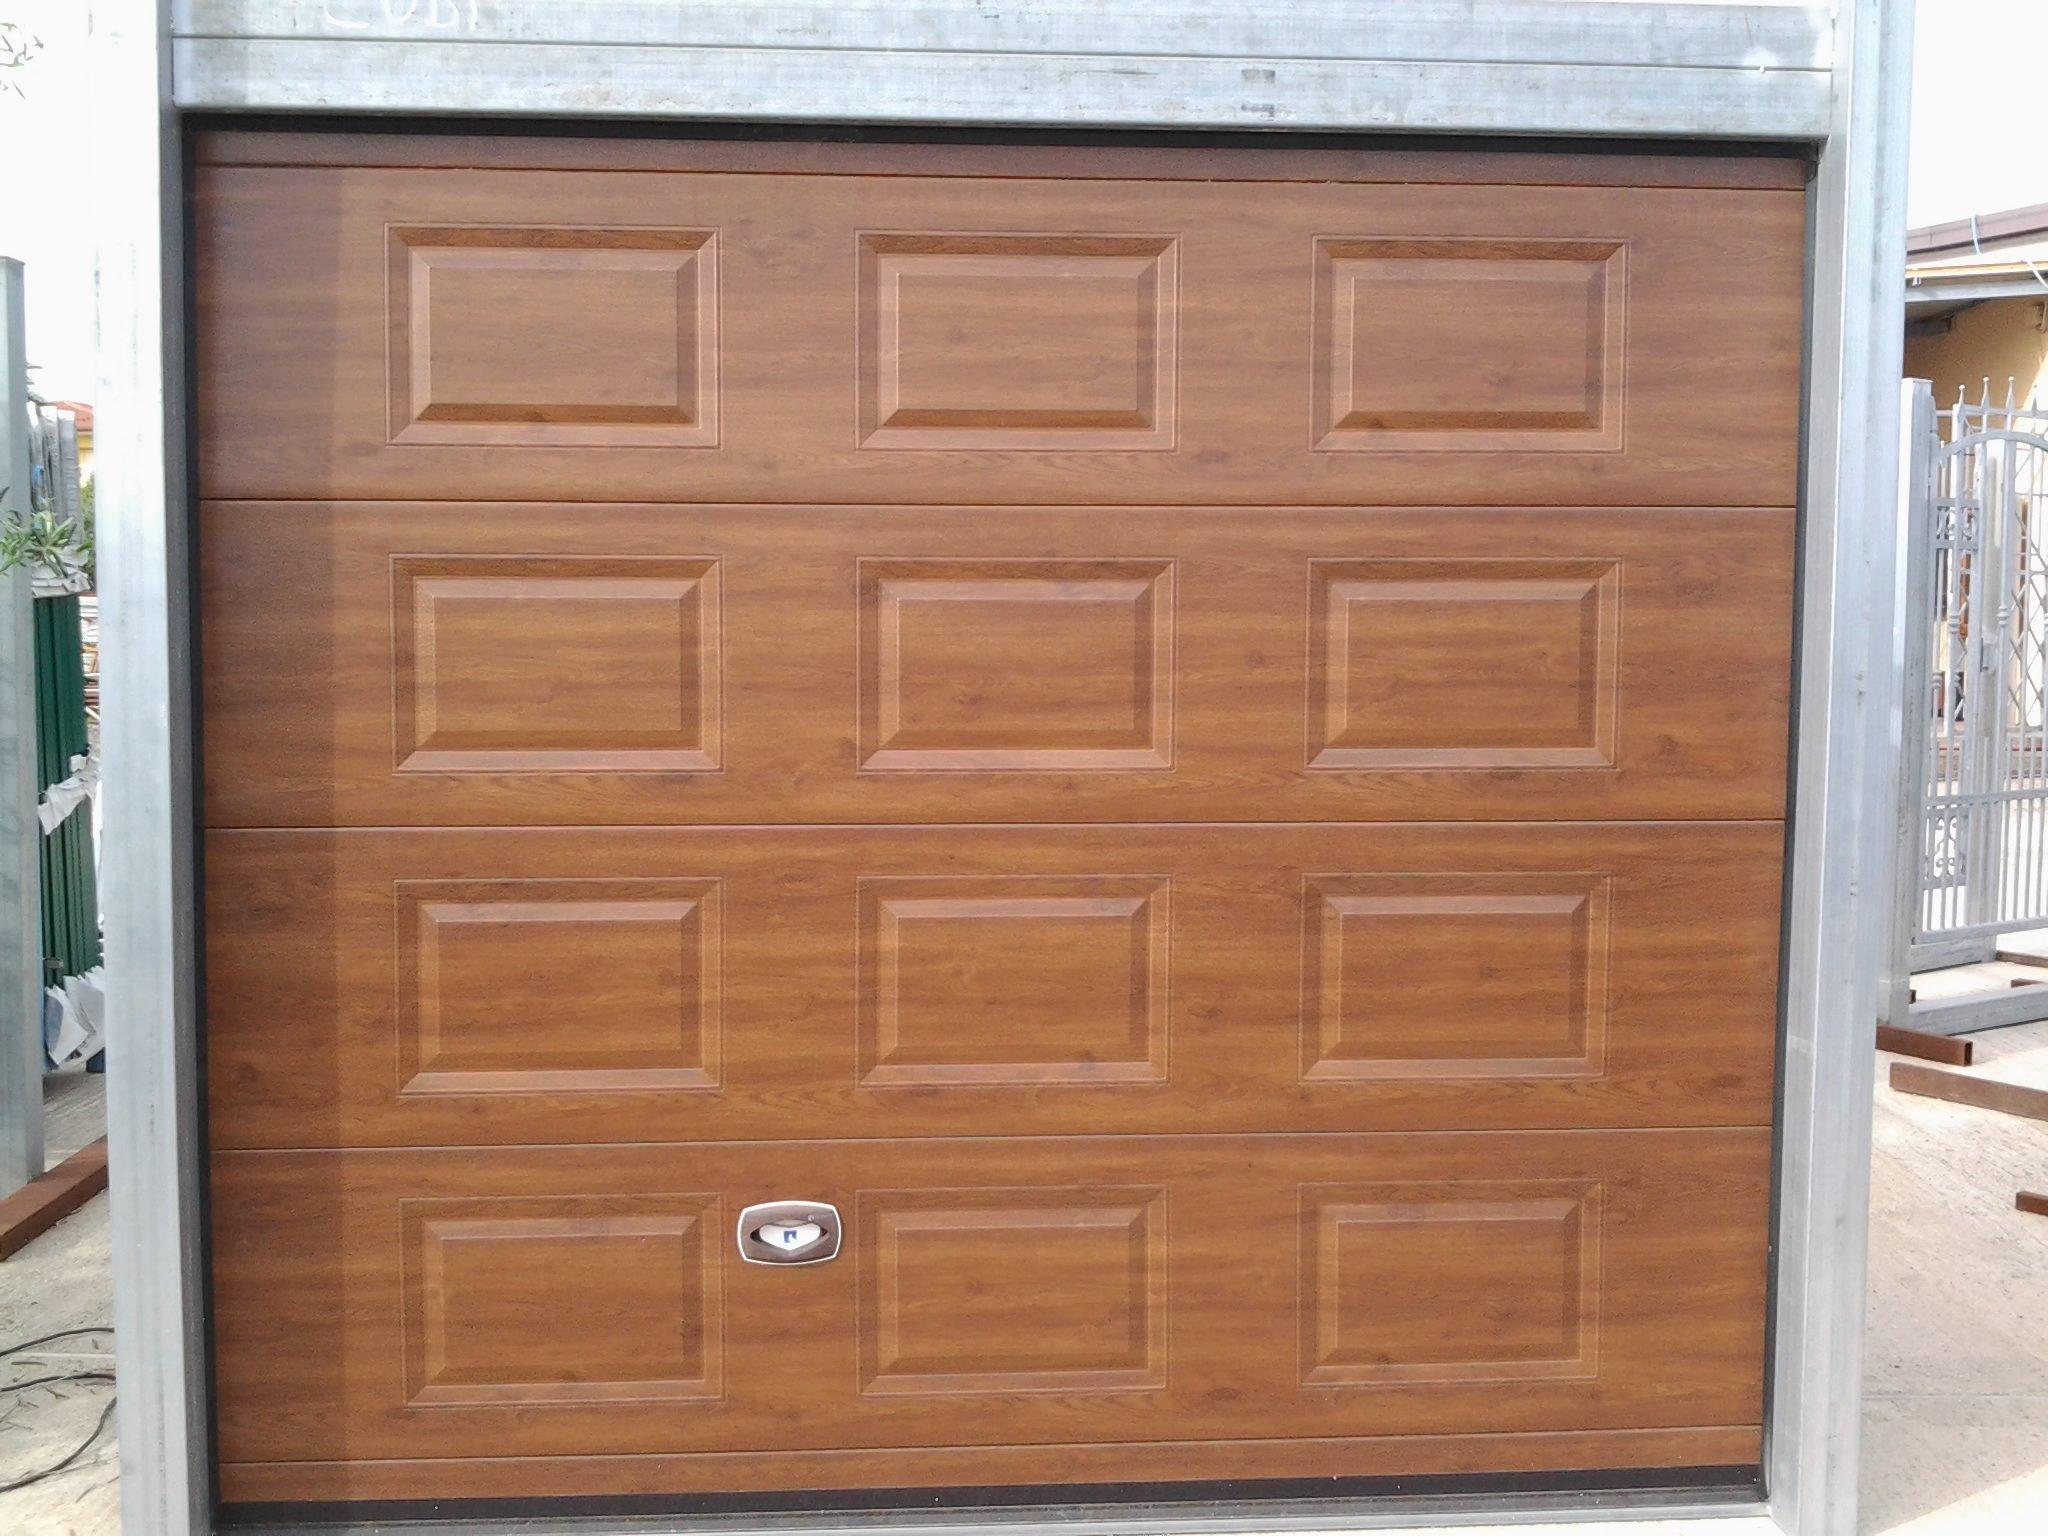 Porta d'ingresso di un garage